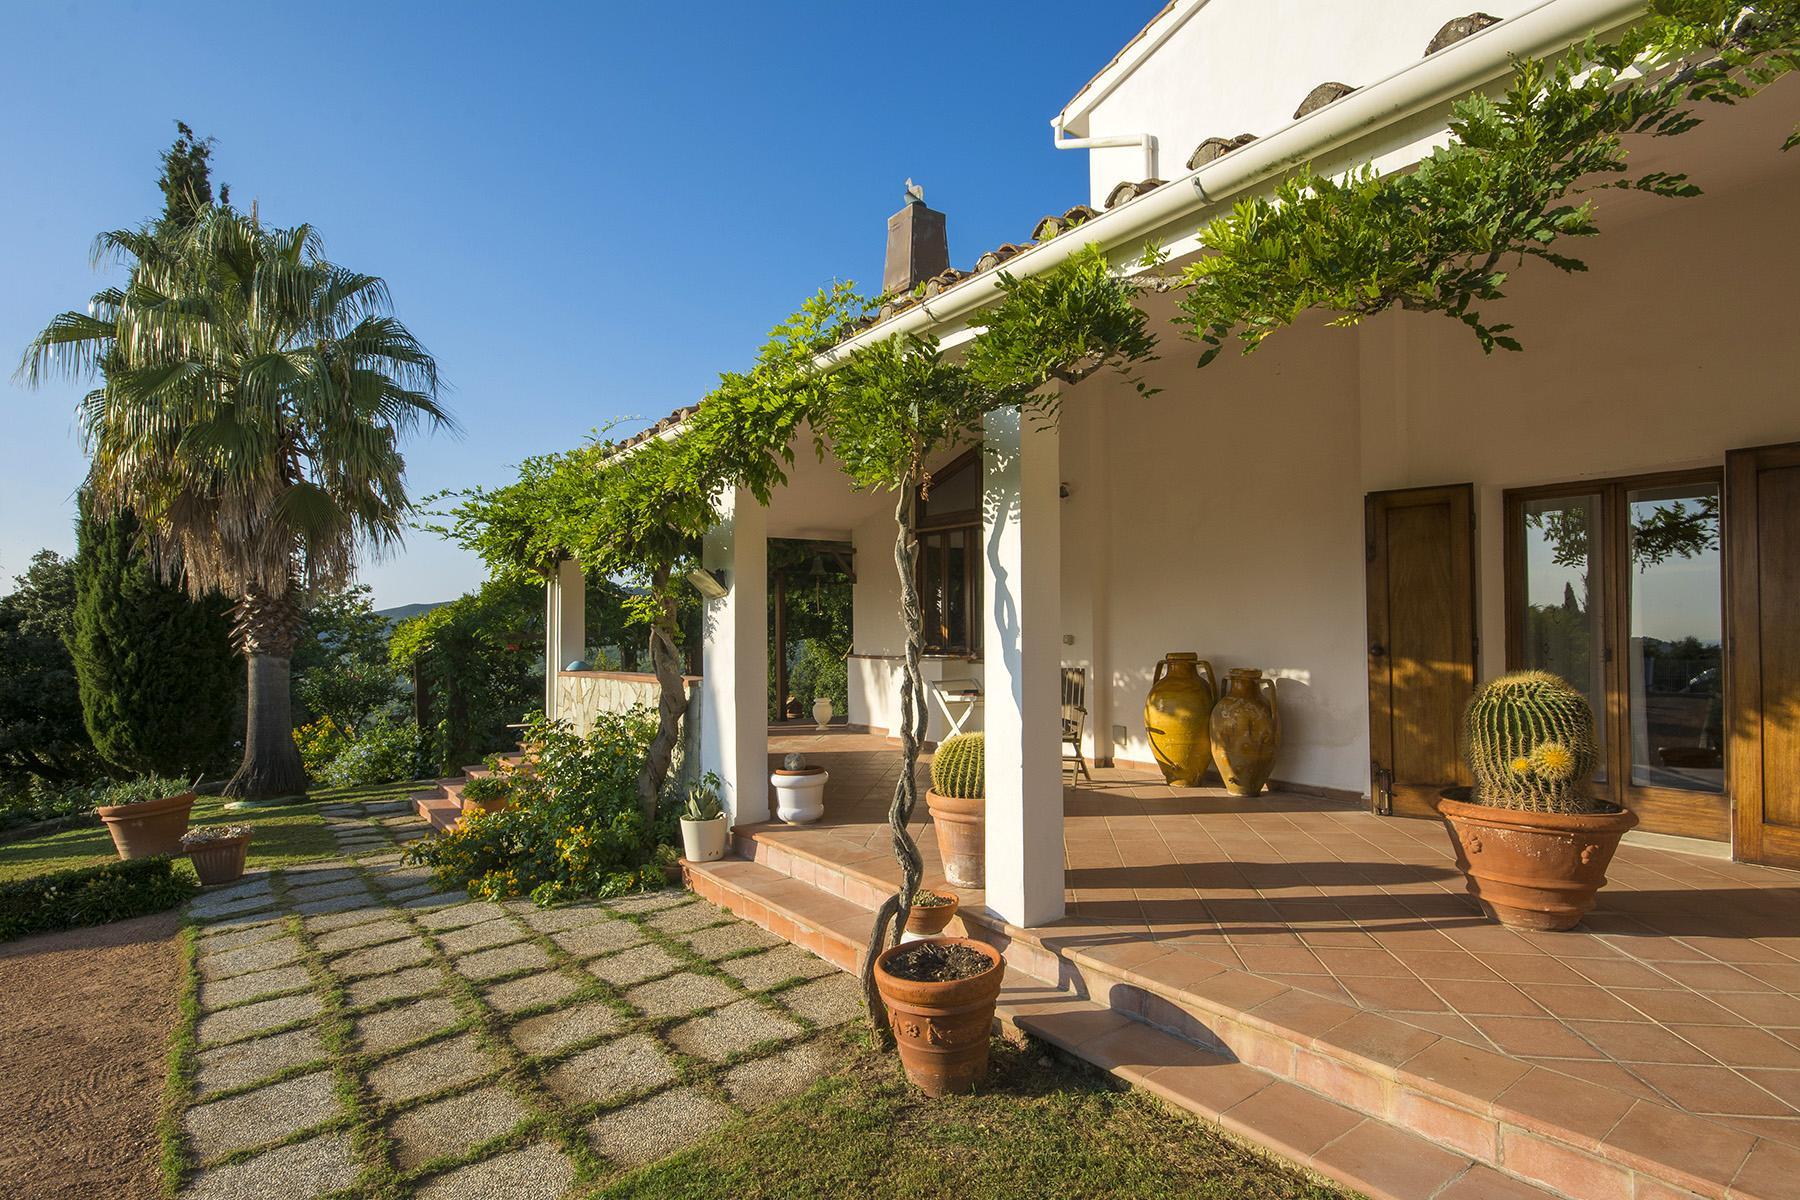 Villa in collina vista mare, nei pressi di Castiglioncello - 4